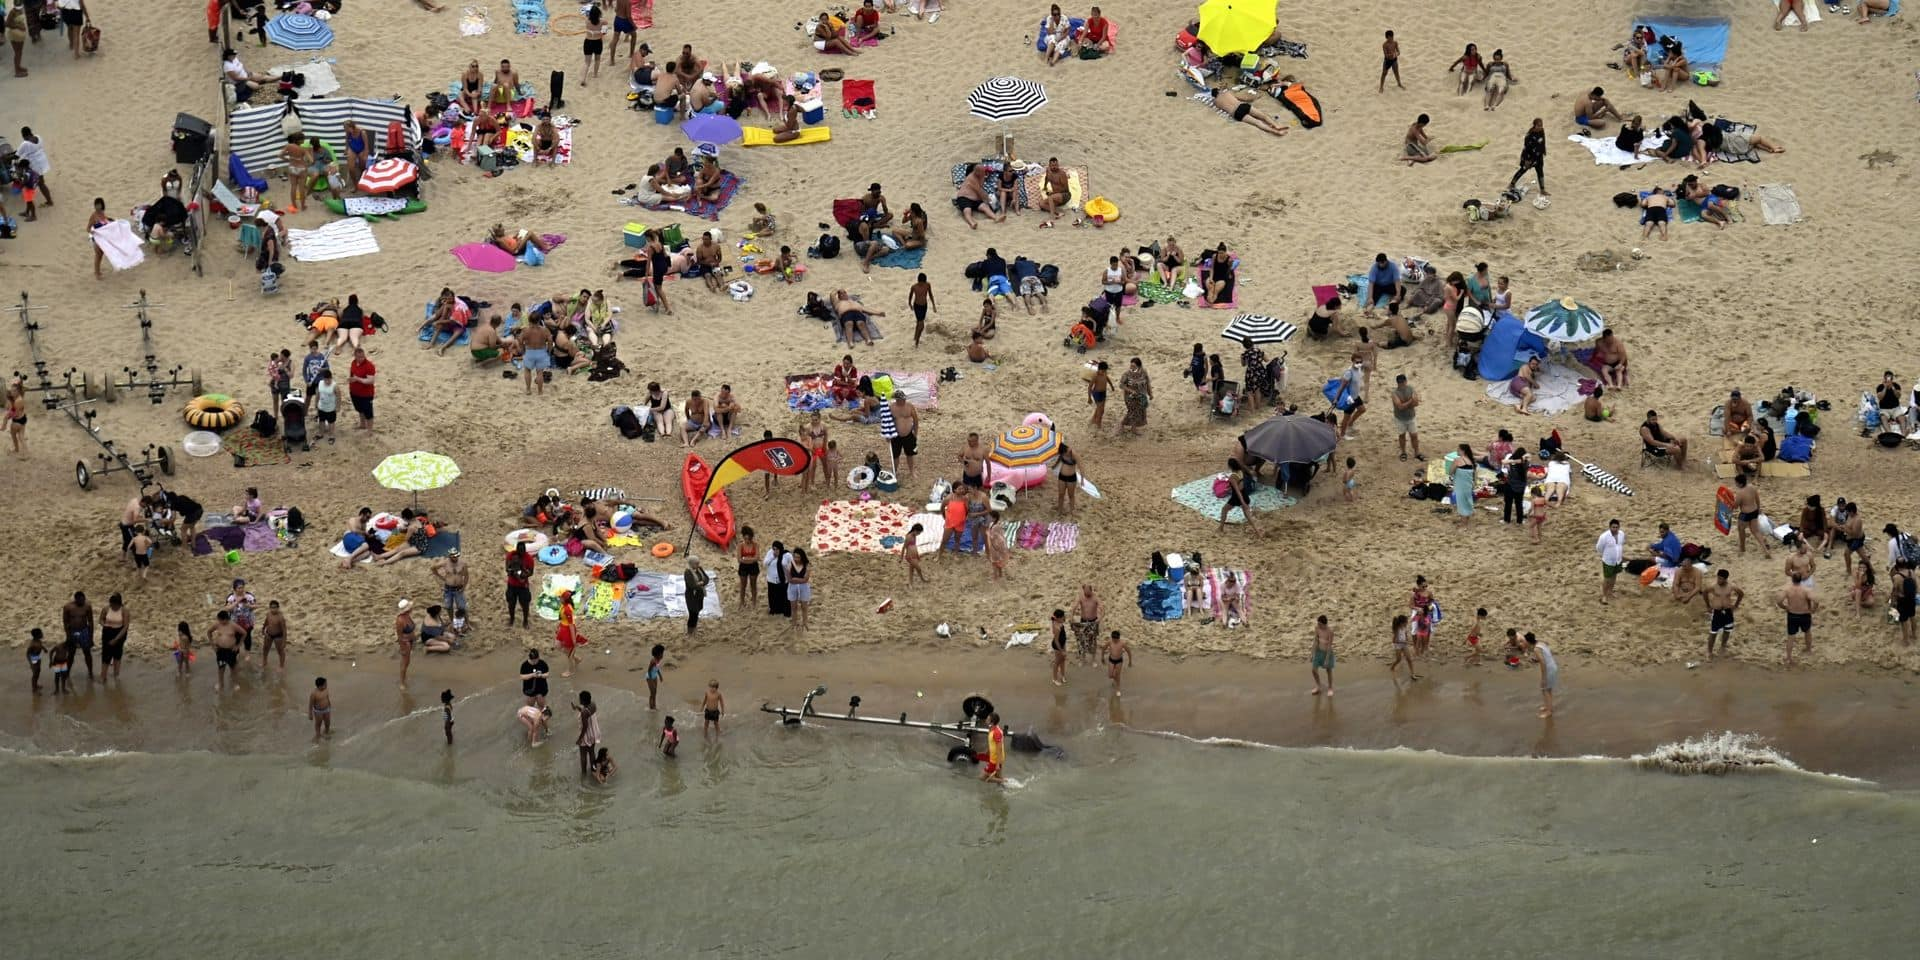 Le système de réservation à nouveau en place ce week-end pour les principales plages d'Ostende